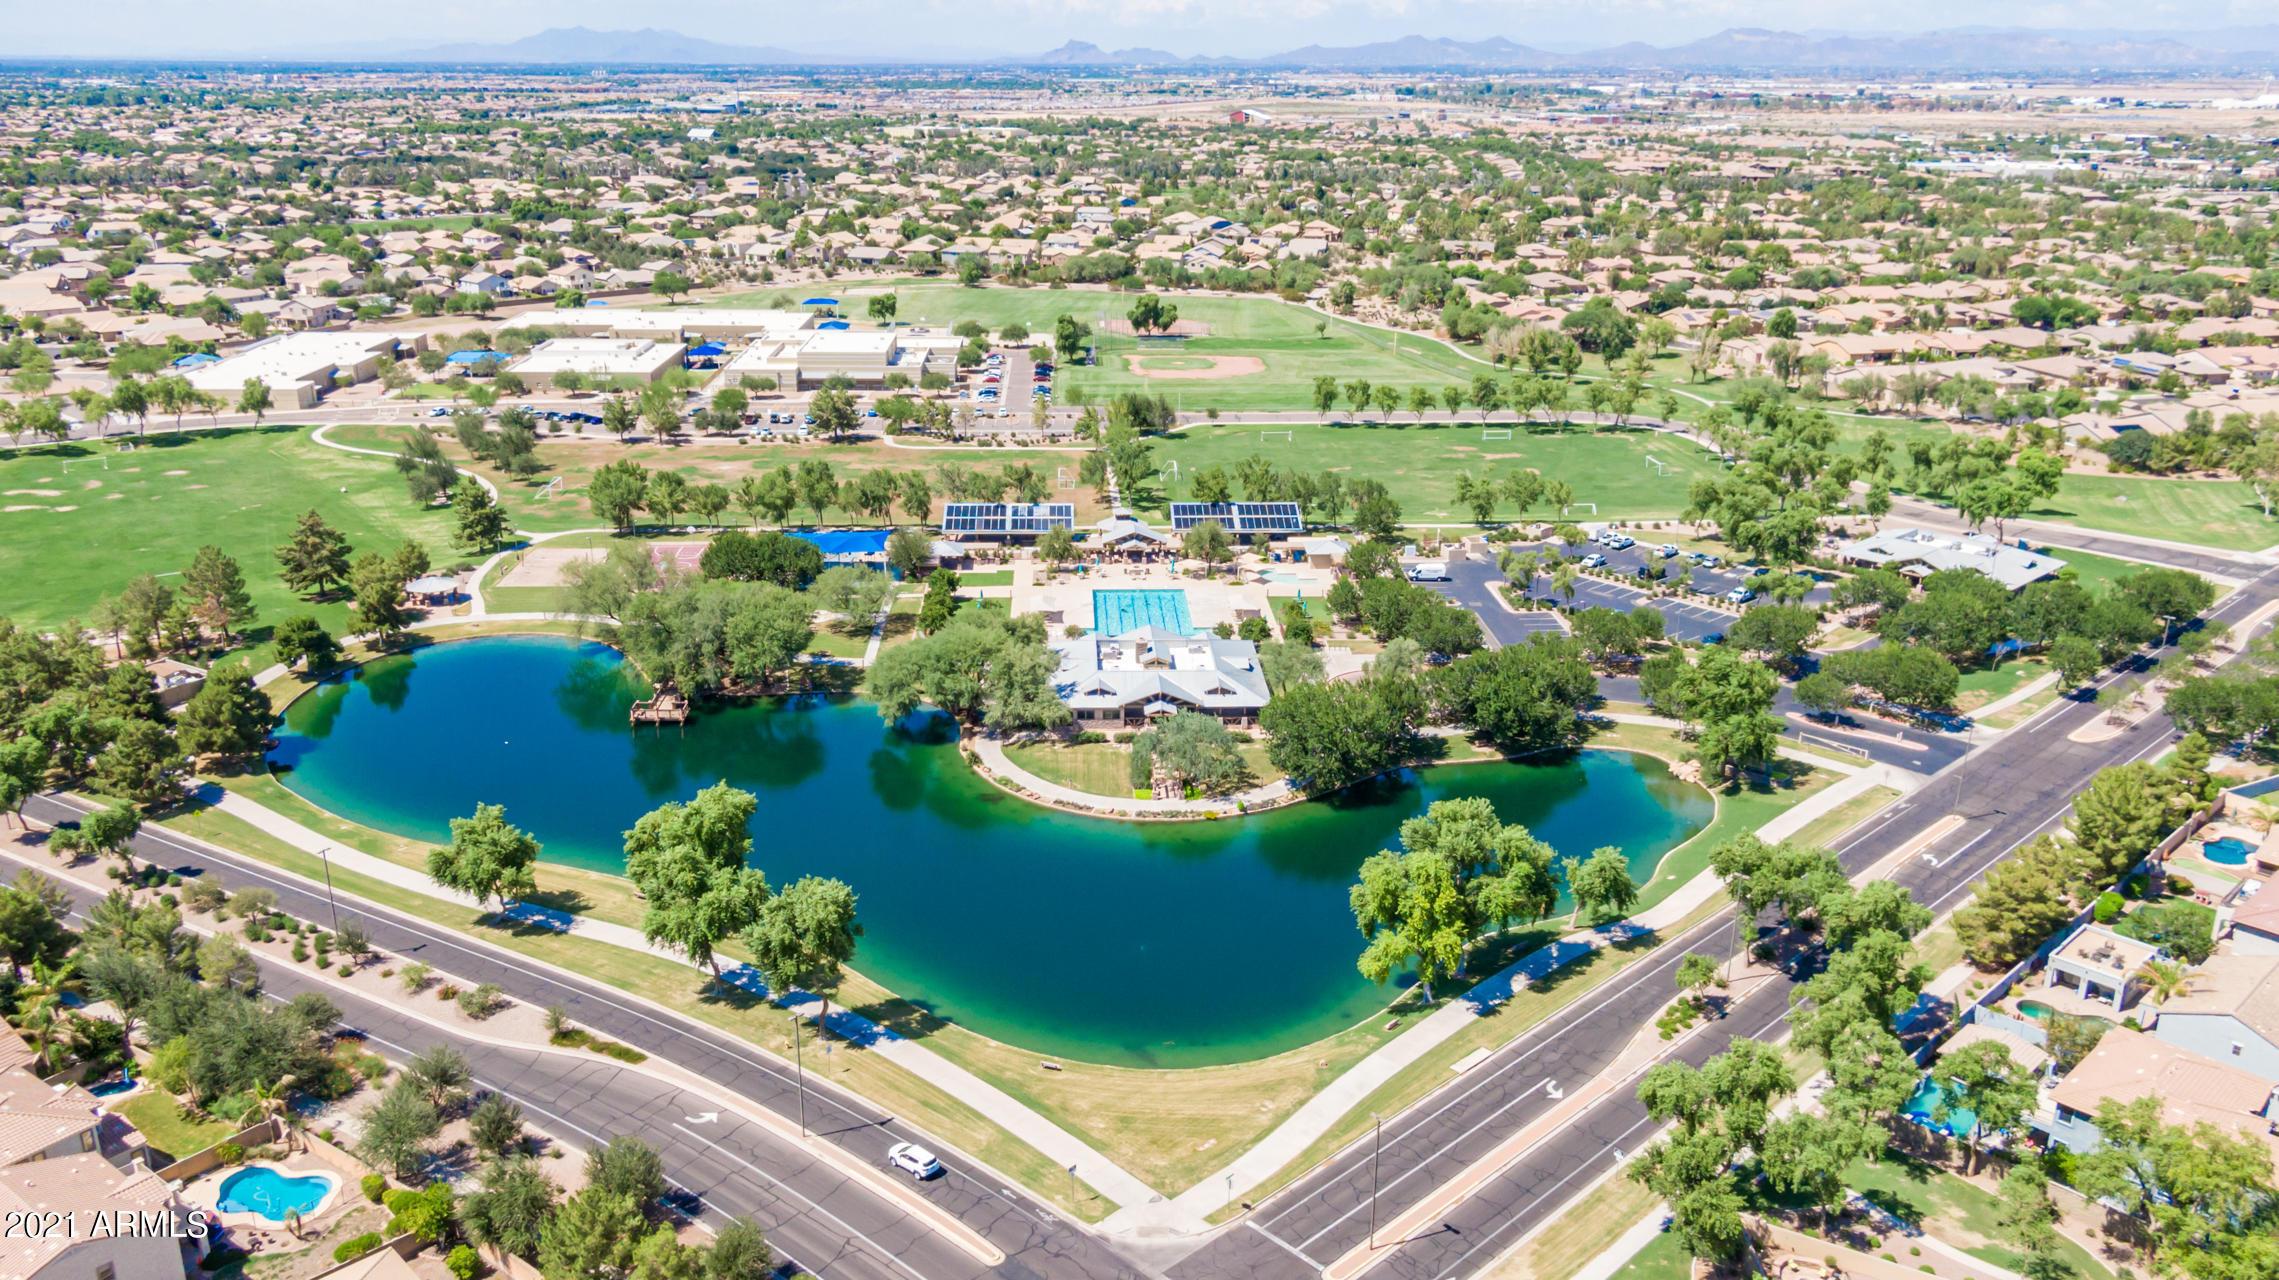 MLS 6271761 4216 E POMMEL Loop, Gilbert, AZ 85297 Gilbert AZ Power Ranch